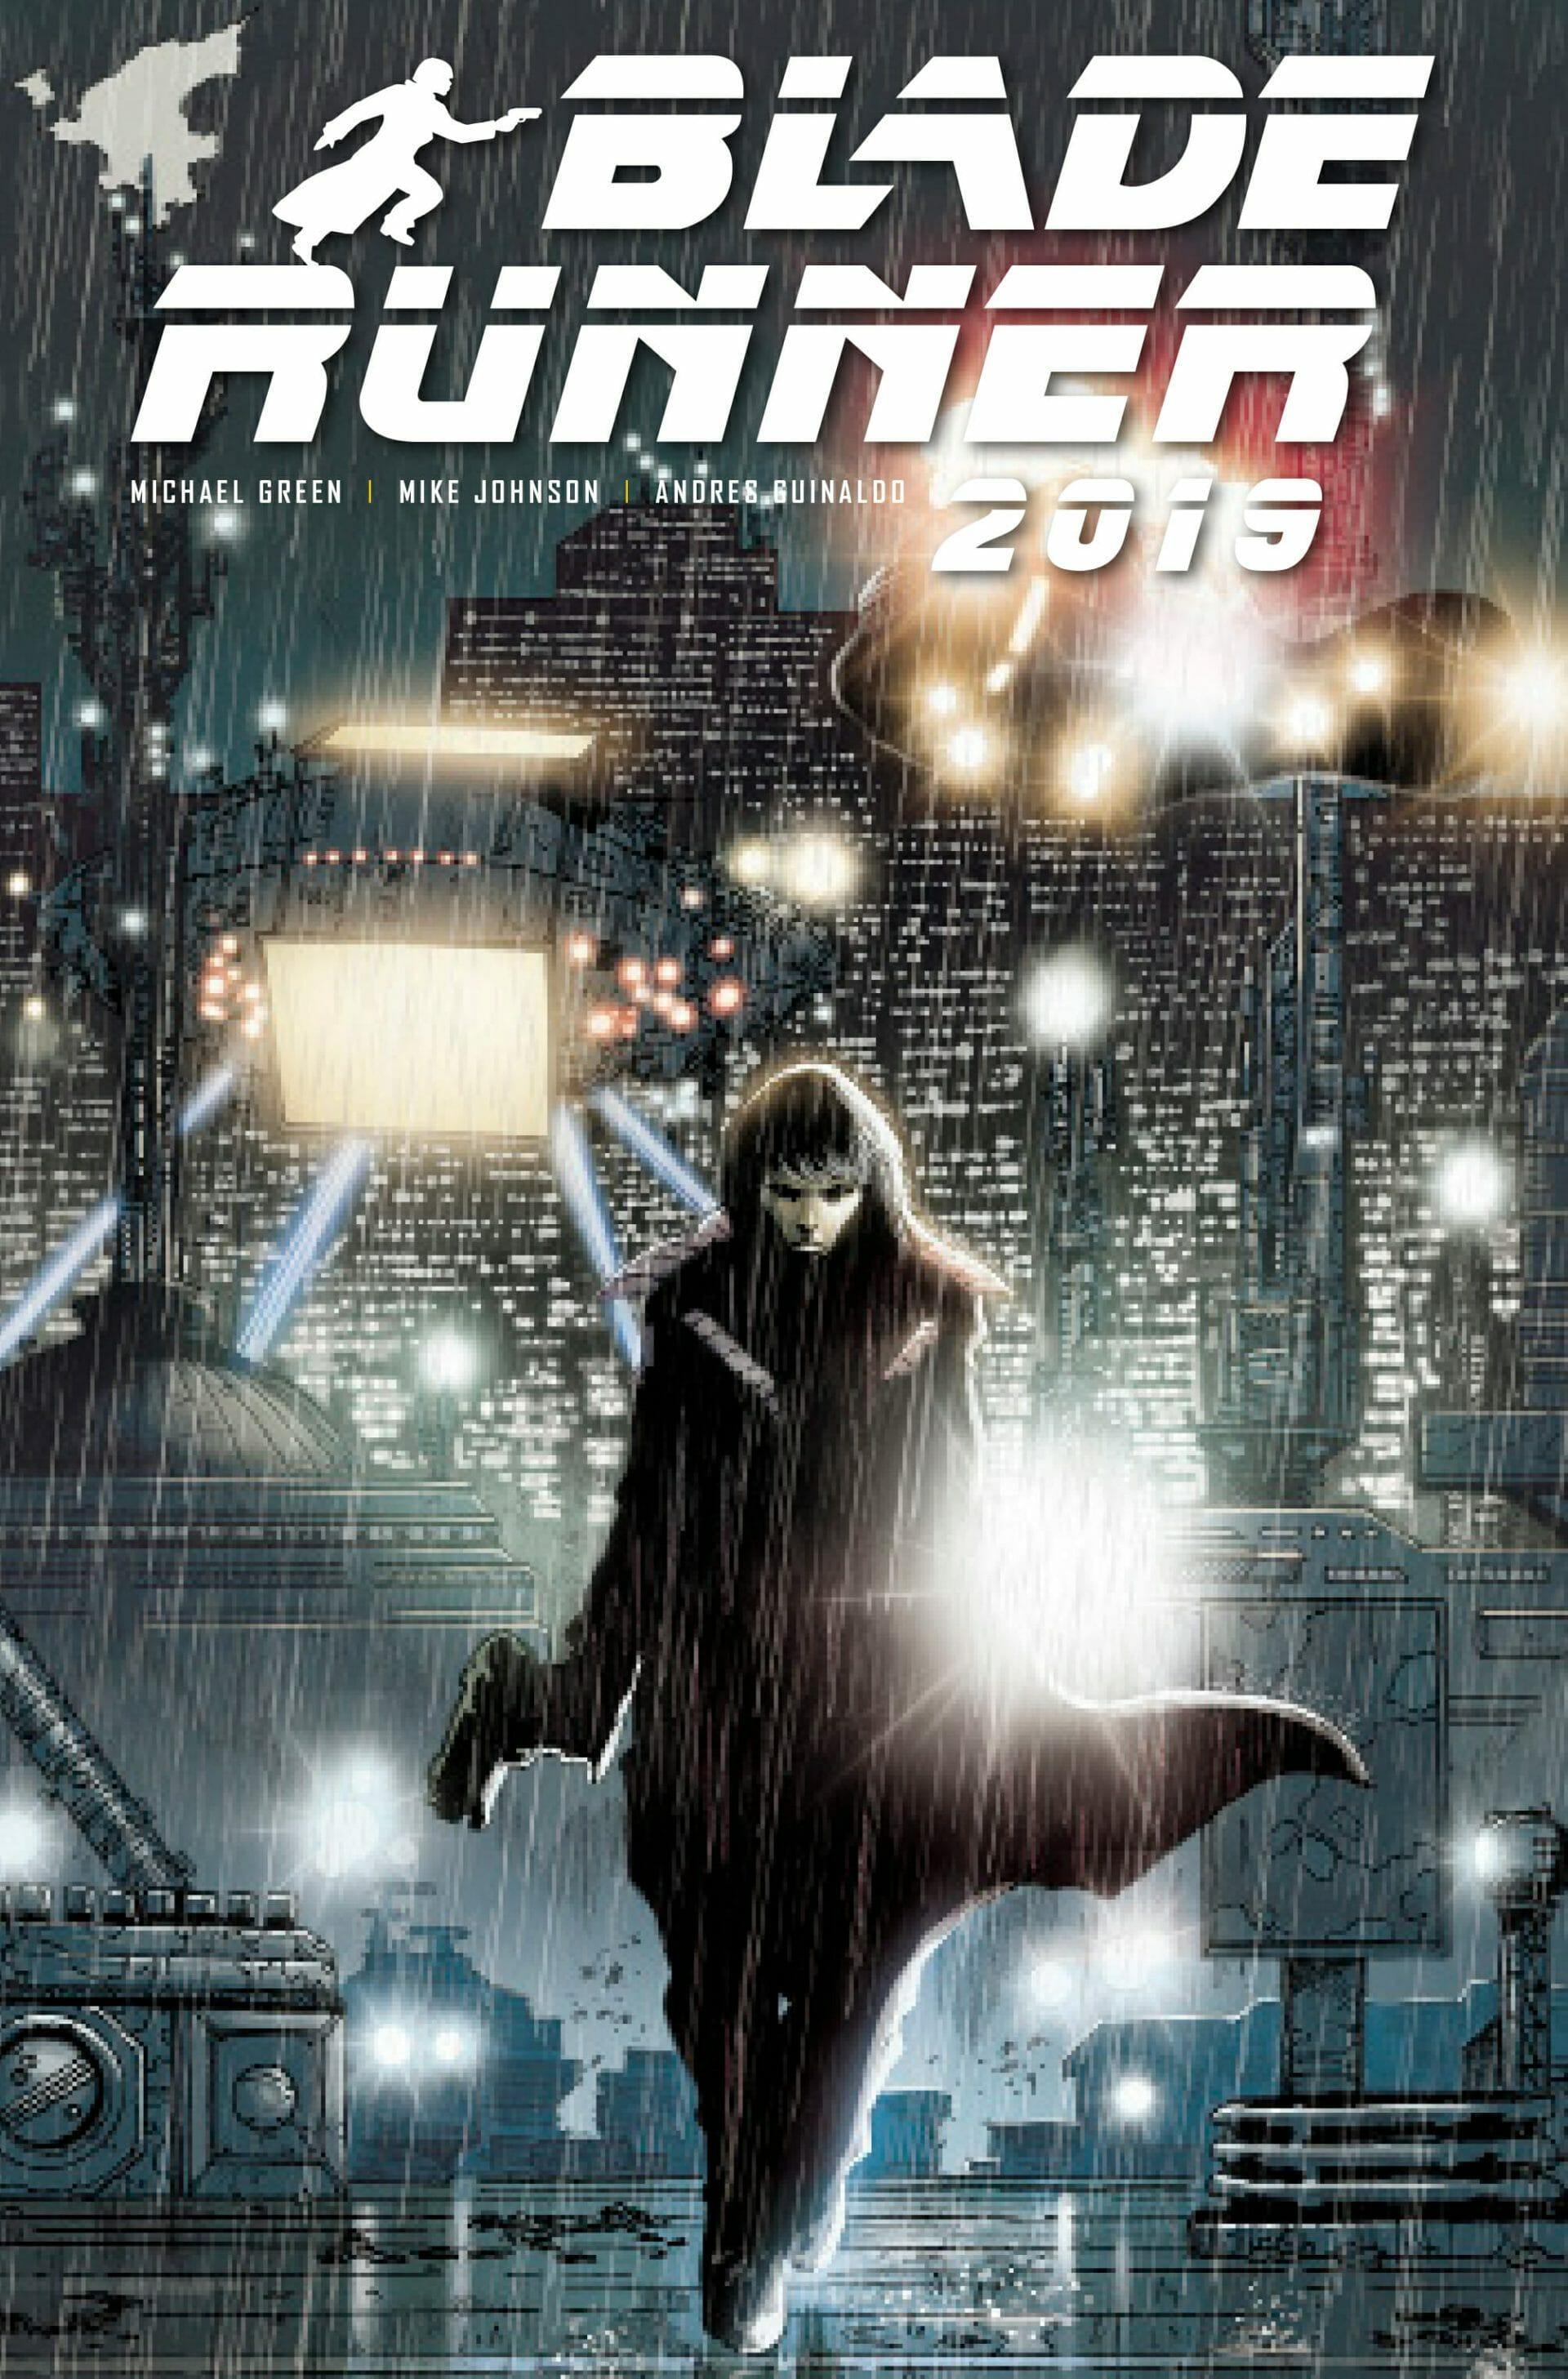 Blade Runner 2019 - 2